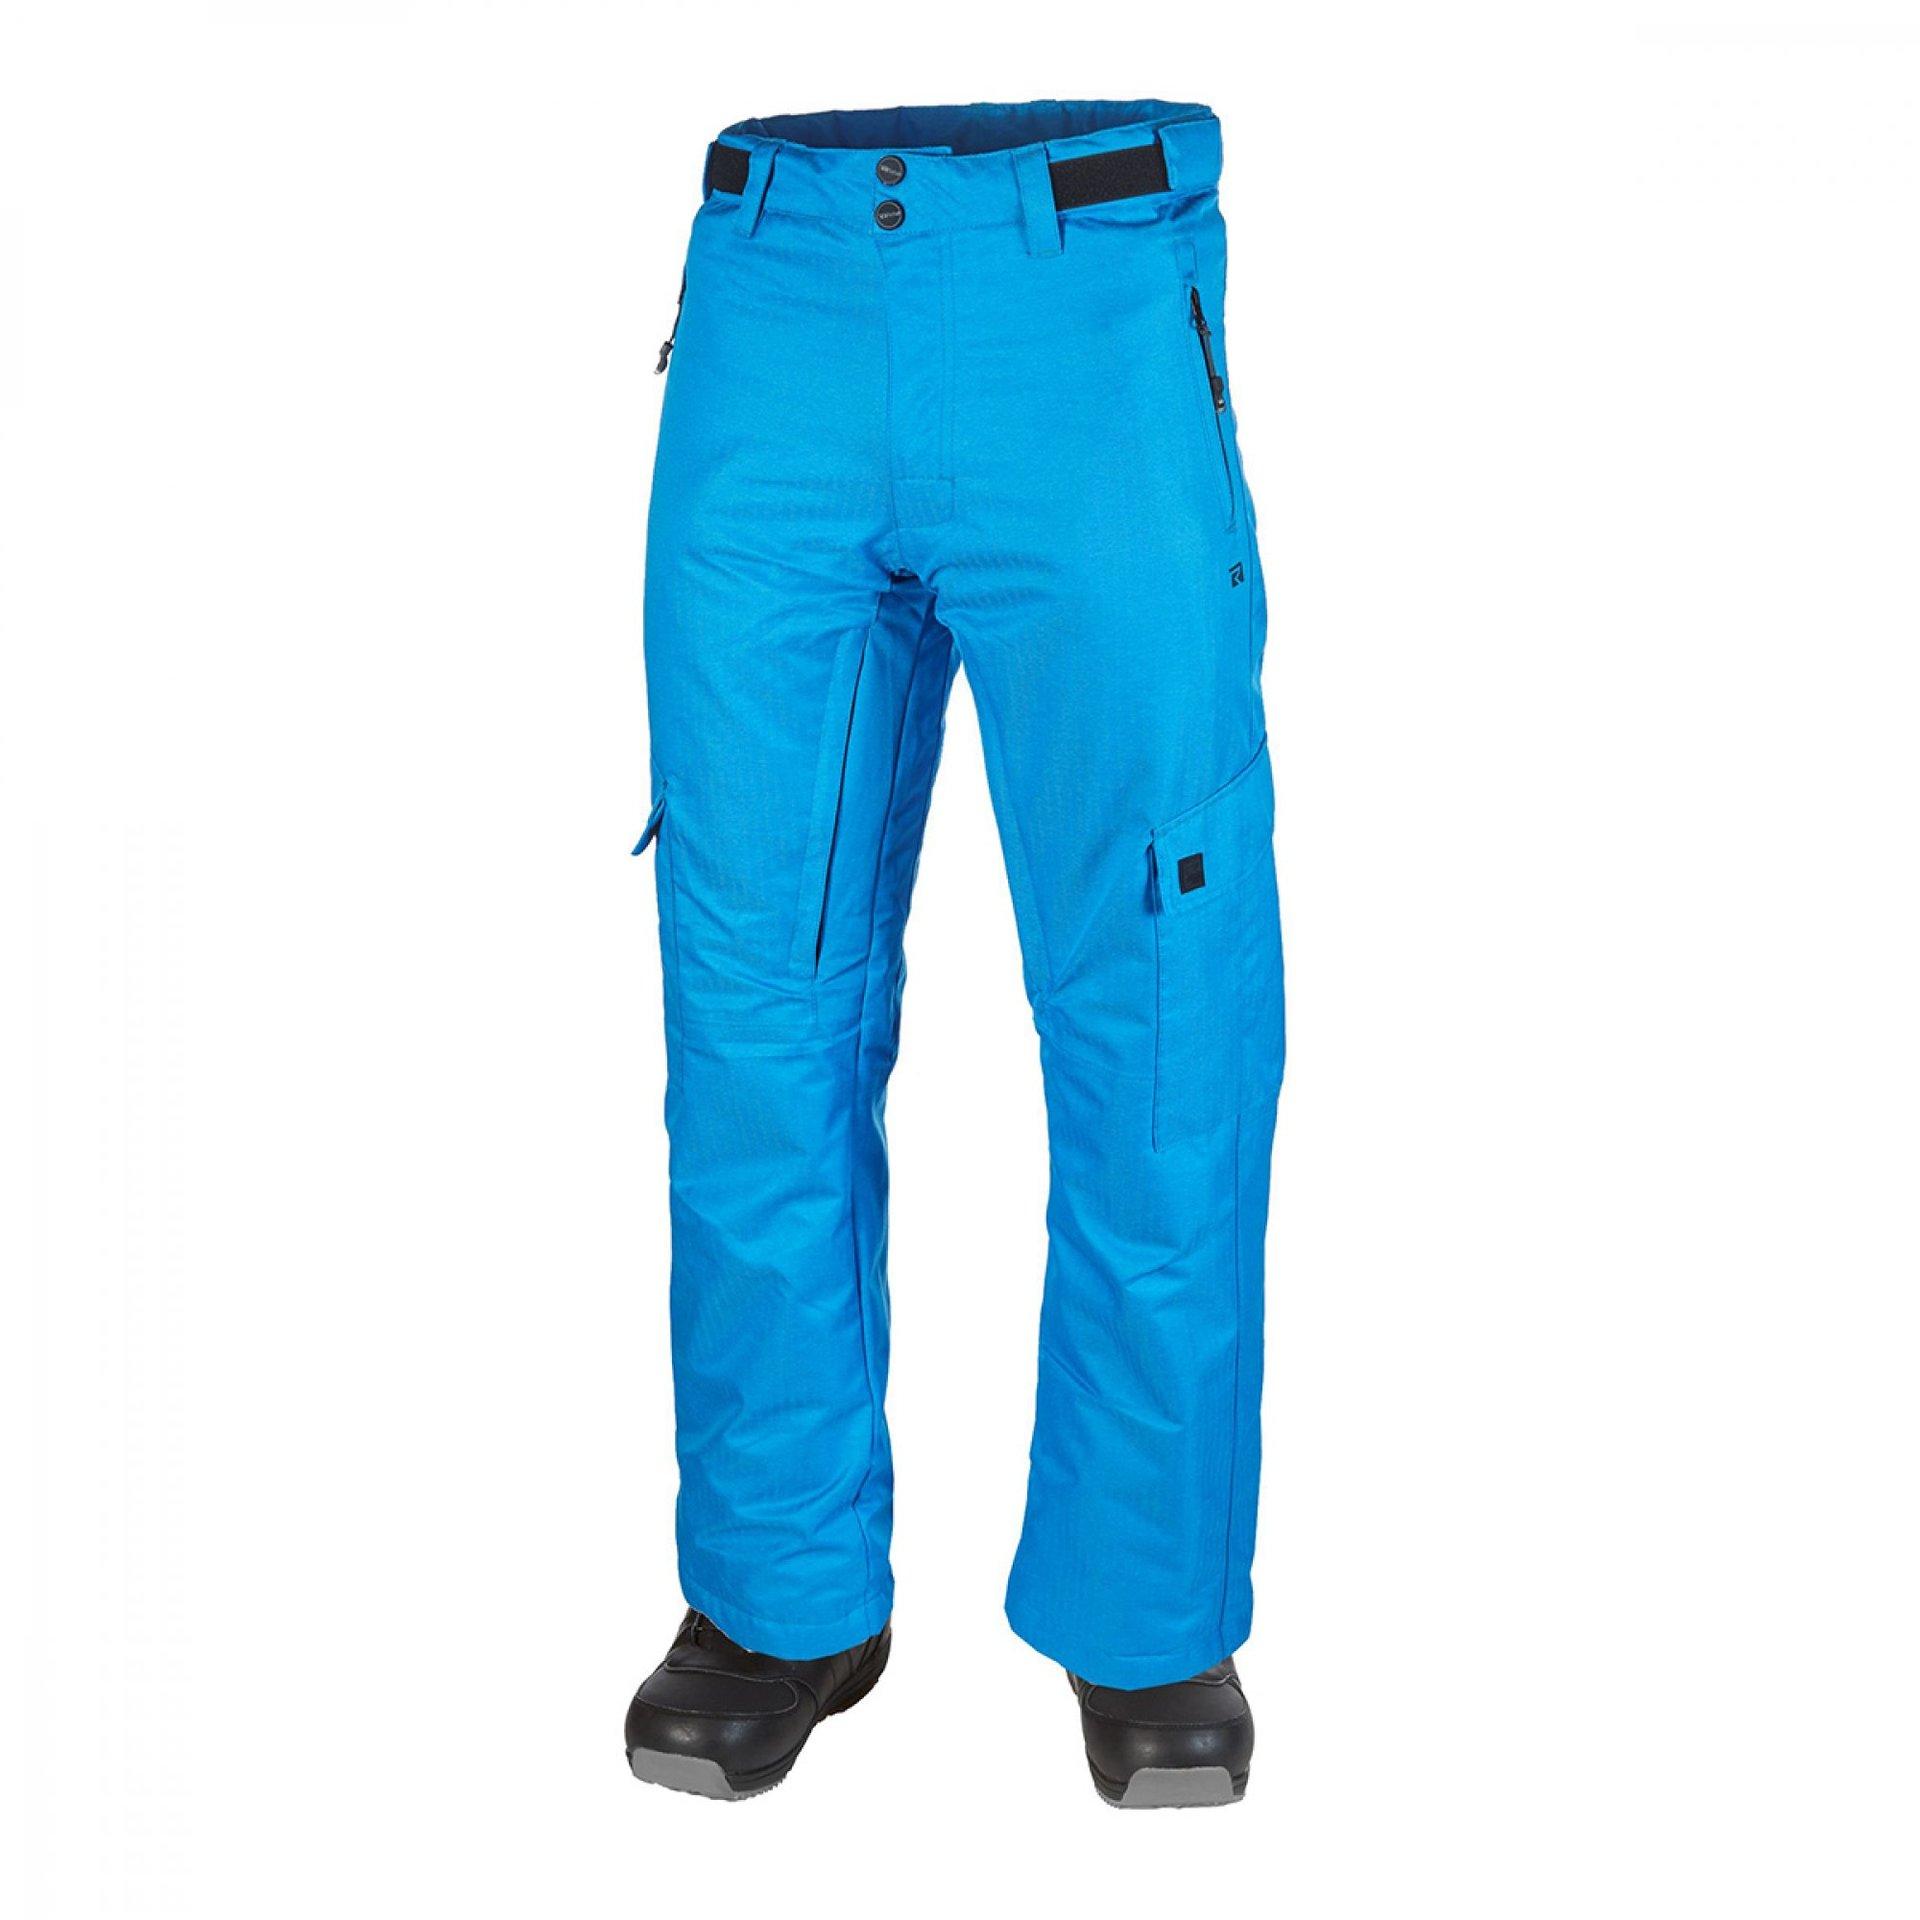 SPODNIE REHALL DEXTER BRIGHT BLUE 50152